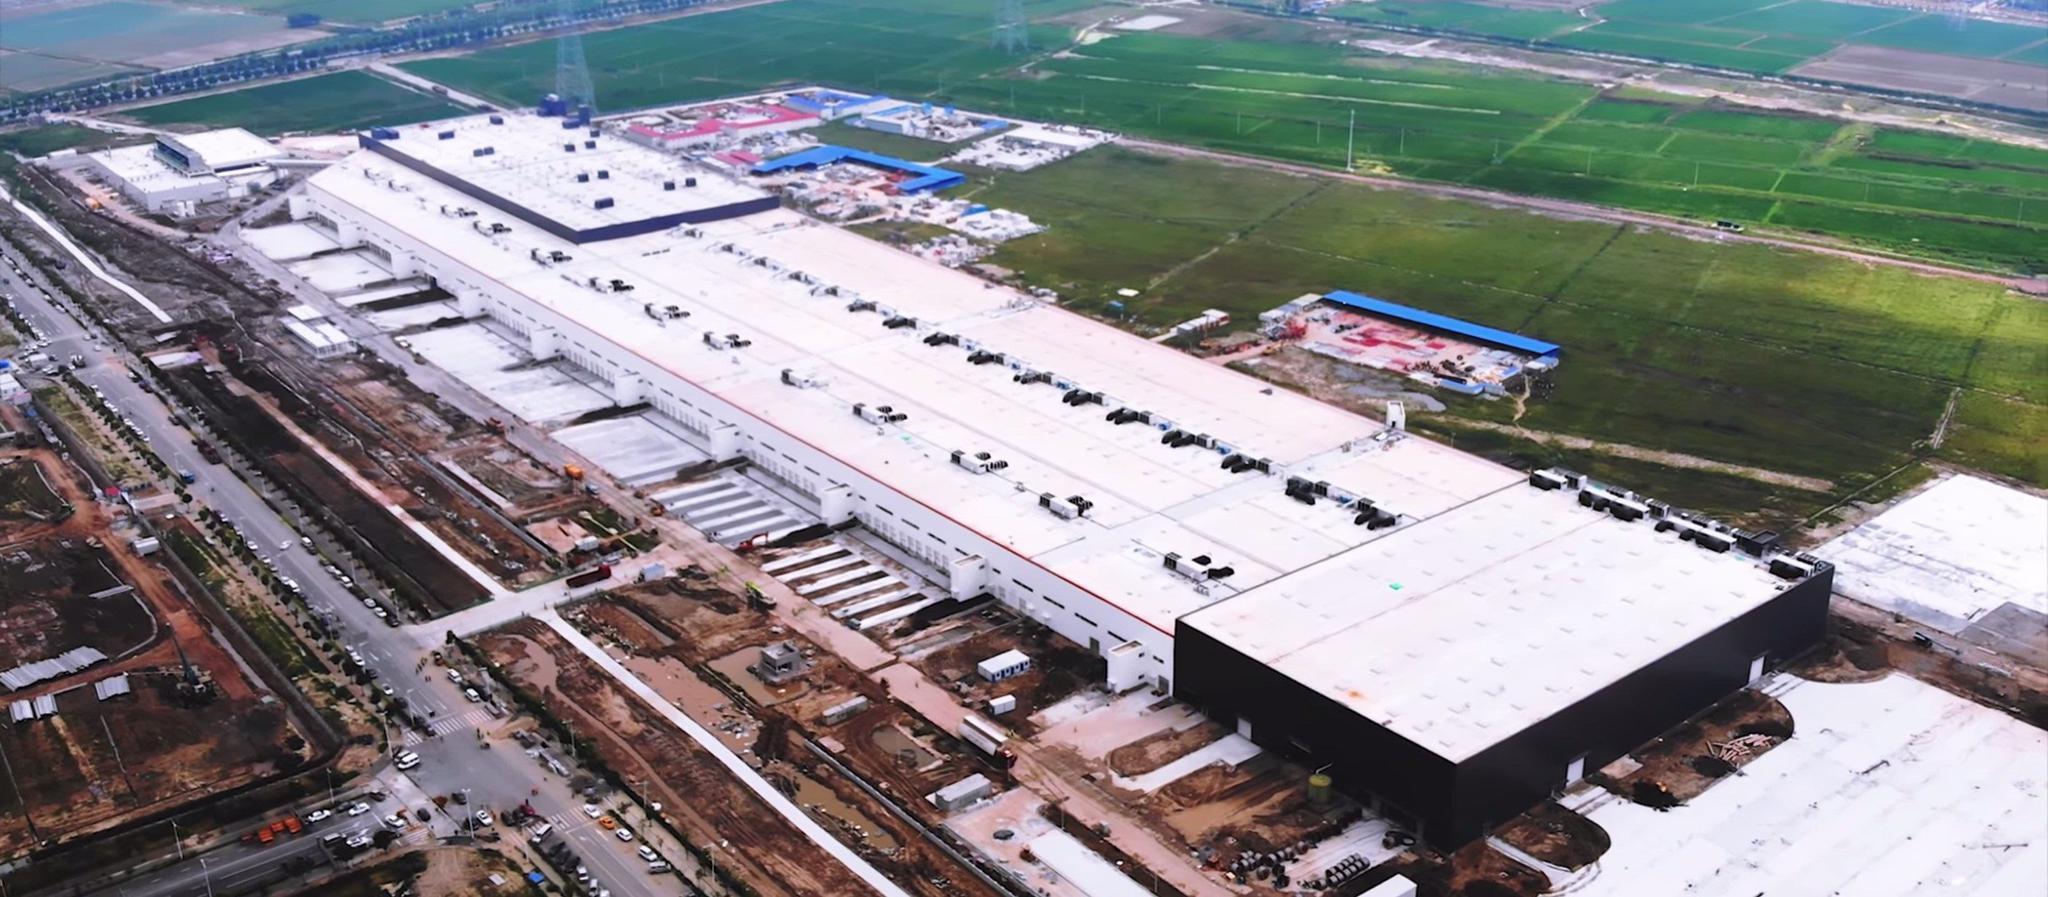 特斯拉上海工厂一期项目通过综合验收,第四季度投产已无悬念